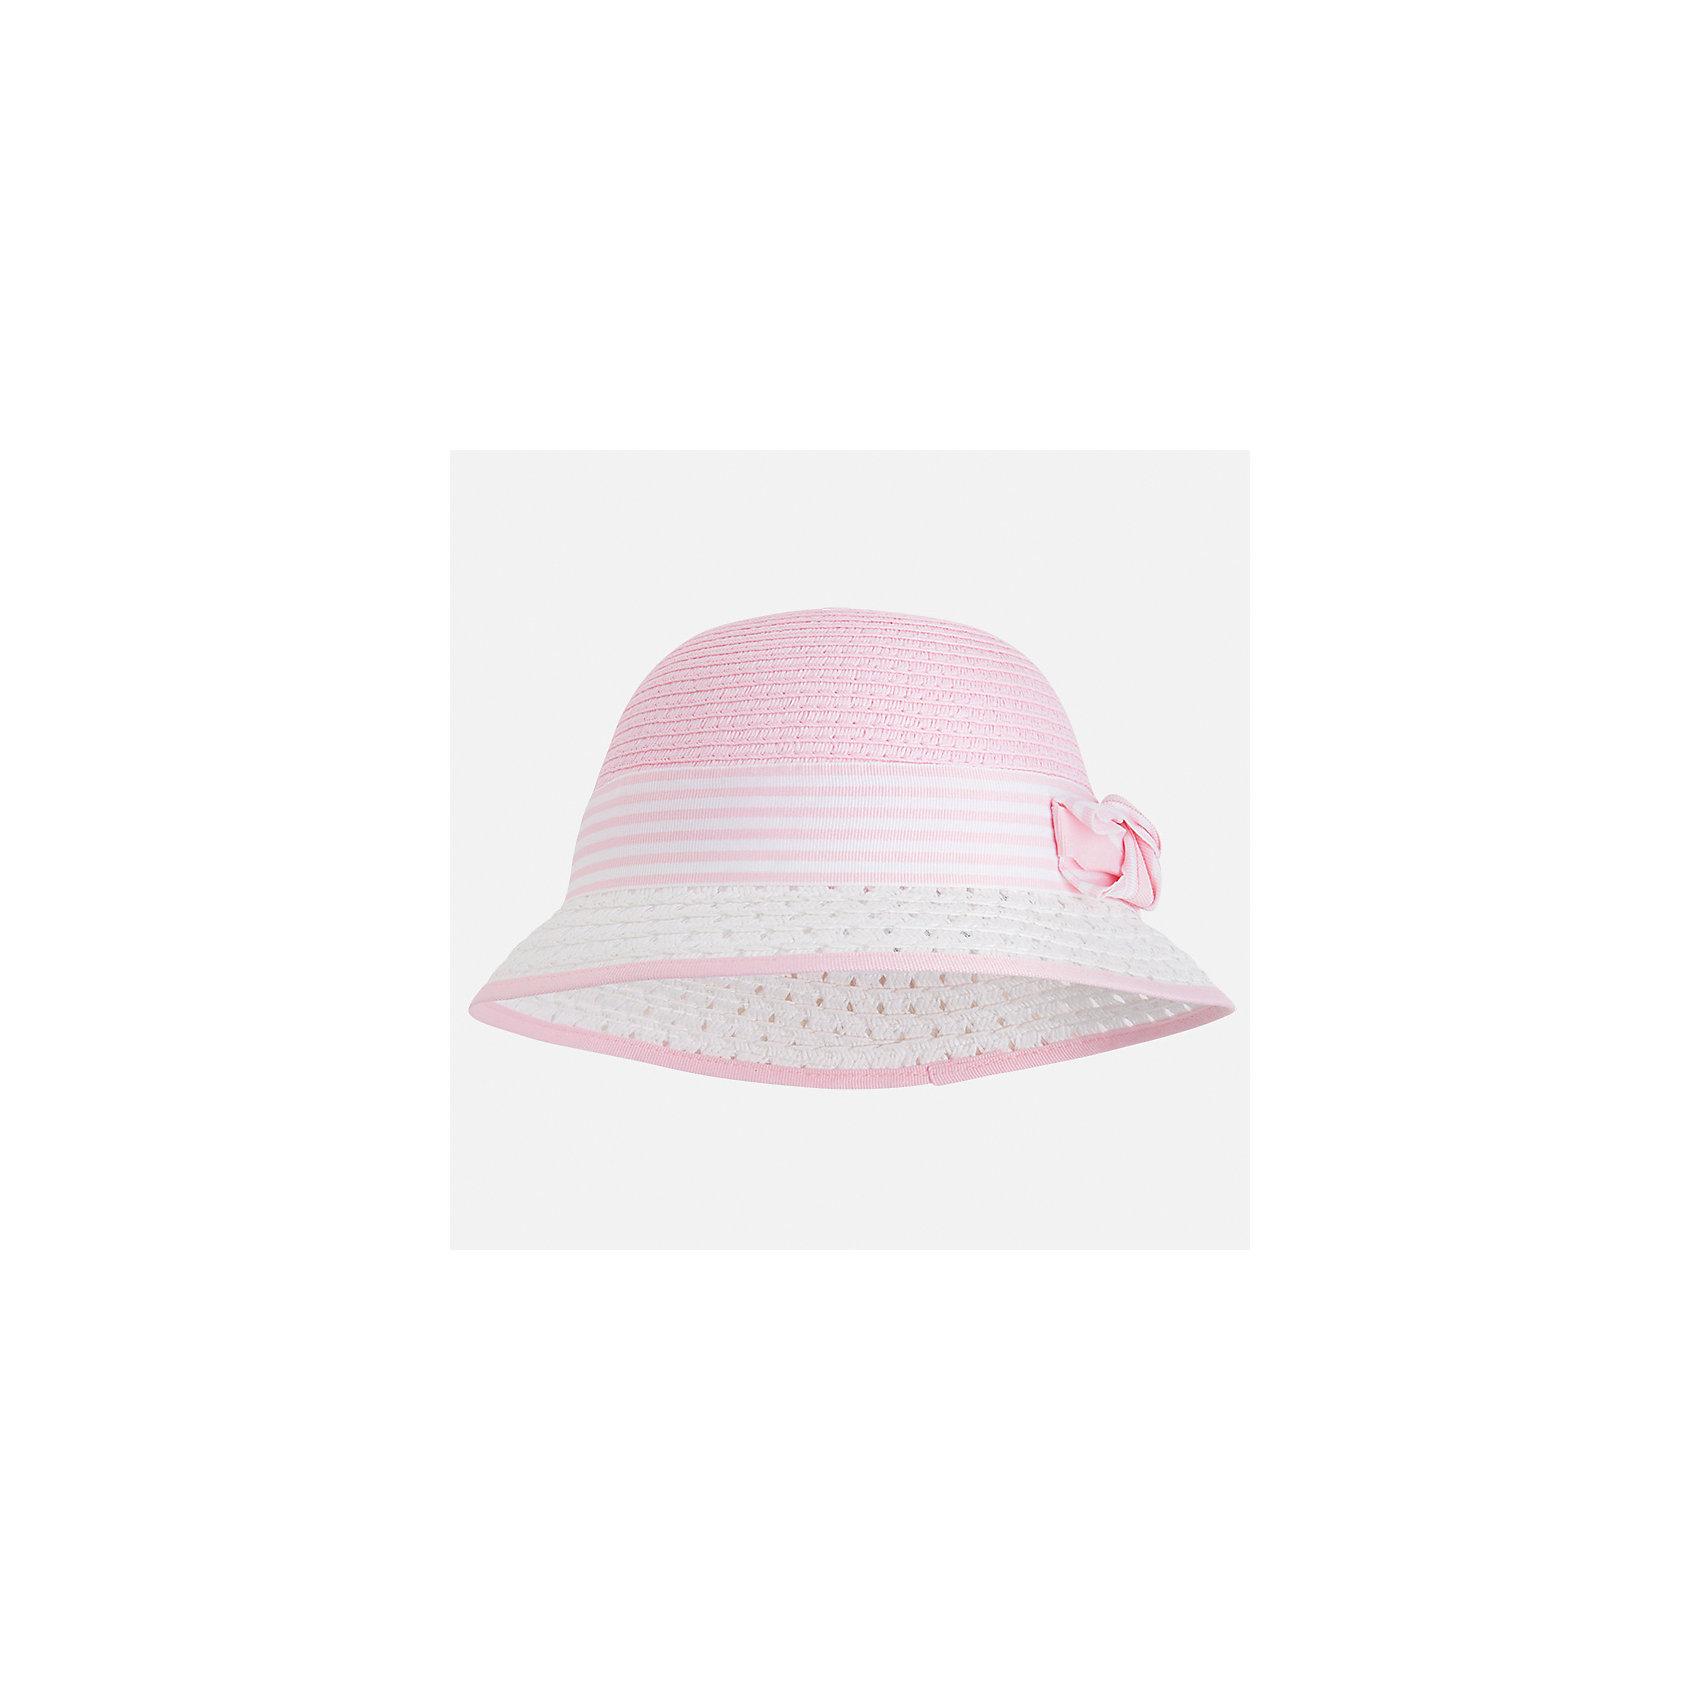 Шляпа для девочки MayoralЛетние<br>Характеристики товара:<br><br>• цвет: розовый/белый<br>• состав: 100% бумага<br>• легкий материал<br>• дышащая<br>• комфортная посадка<br>• декорирована бантом<br>• страна бренда: Испания<br><br>Головной убор может быть удобным и красивым! Эта шляпа для девочки не только хорошо сидит на ребенке. Сделана из легкого материала. Интересная отделка модели делает её нарядной и оригинальной. <br><br>Шляпу для девочки от испанского бренда Mayoral (Майорал) можно купить в нашем интернет-магазине.<br><br>Ширина мм: 89<br>Глубина мм: 117<br>Высота мм: 44<br>Вес г: 155<br>Цвет: фиолетовый<br>Возраст от месяцев: 72<br>Возраст до месяцев: 84<br>Пол: Женский<br>Возраст: Детский<br>Размер: 54,52<br>SKU: 5587624